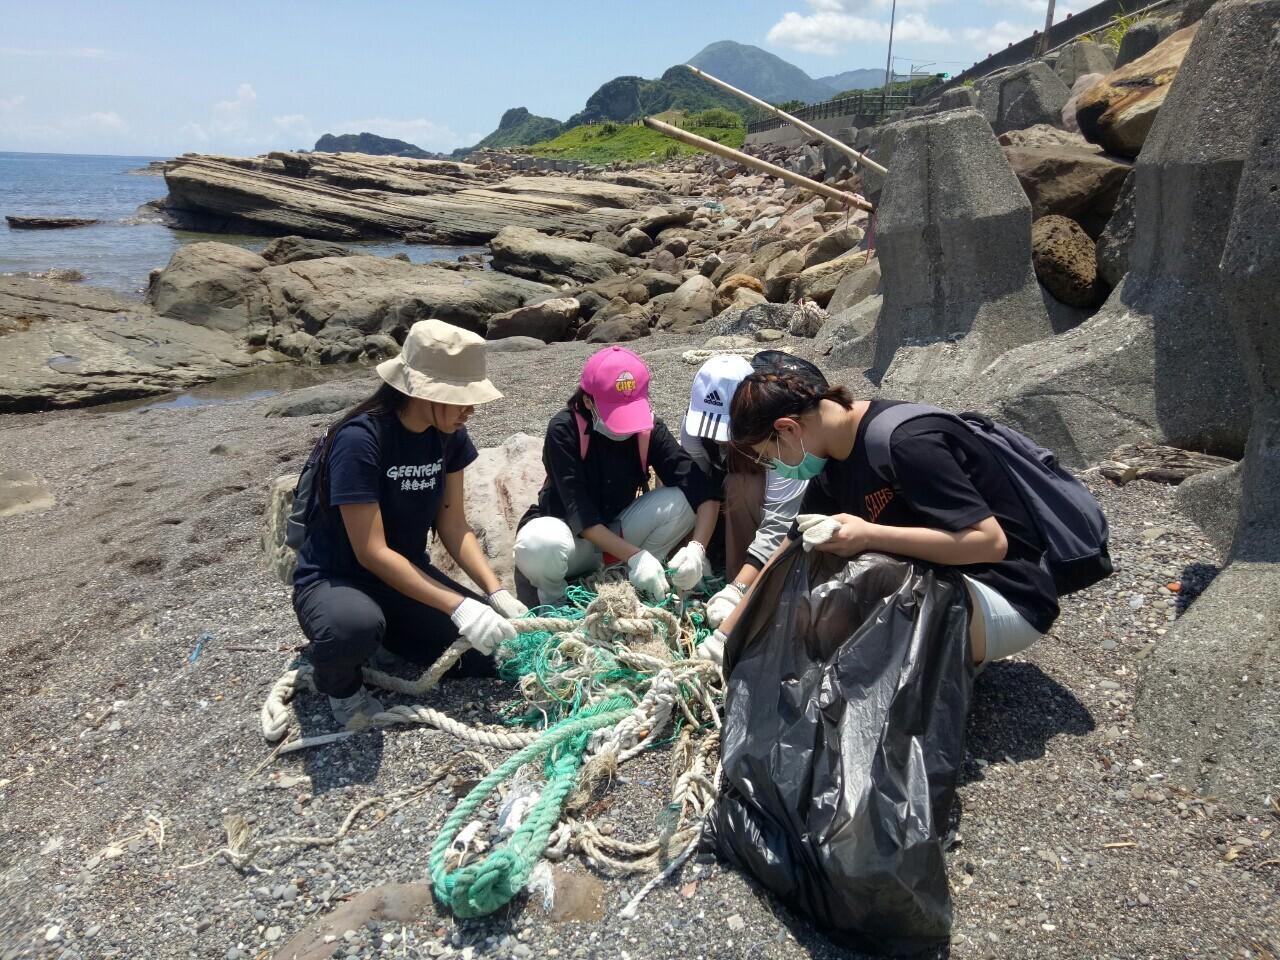 綠色和平於2020年舉辦的夏令營,帶領同學們在八斗子海邊體驗海廢快篩,隨後一起淨灘。